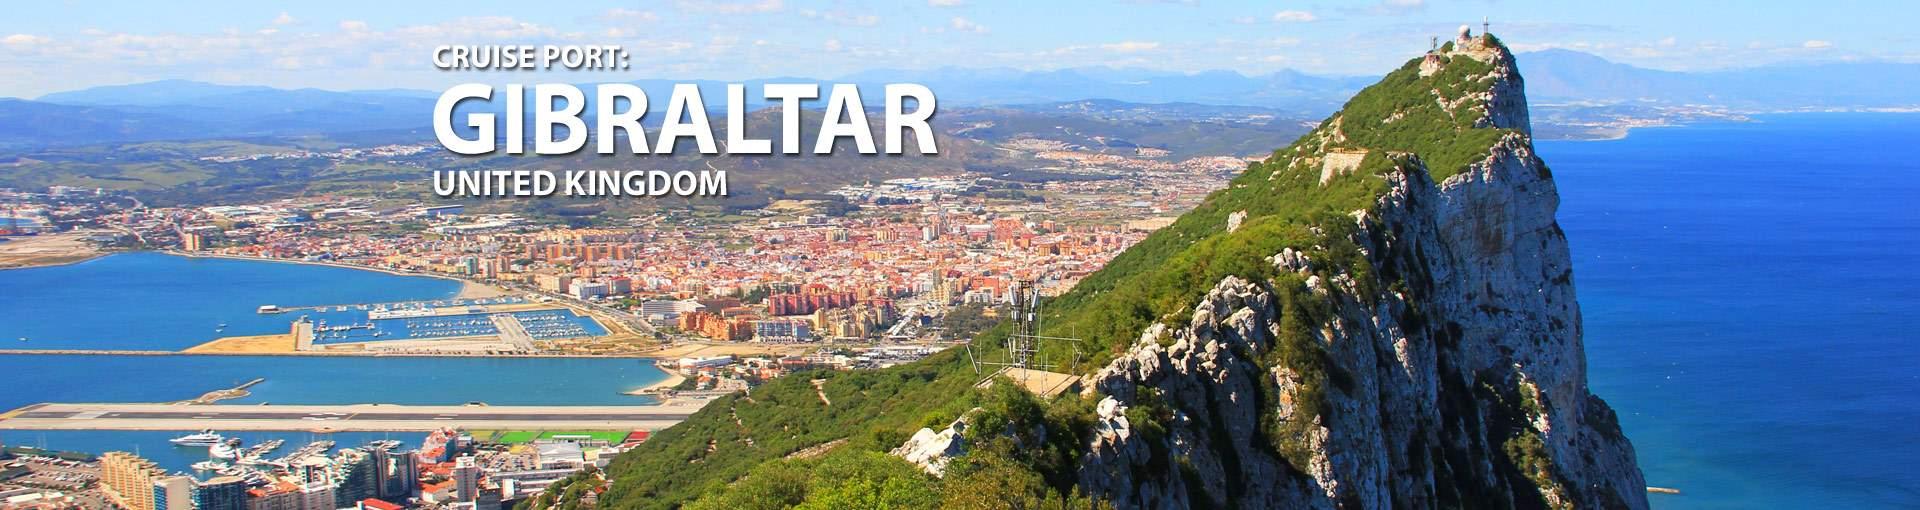 Gibraltar, British Territory Cruise Port